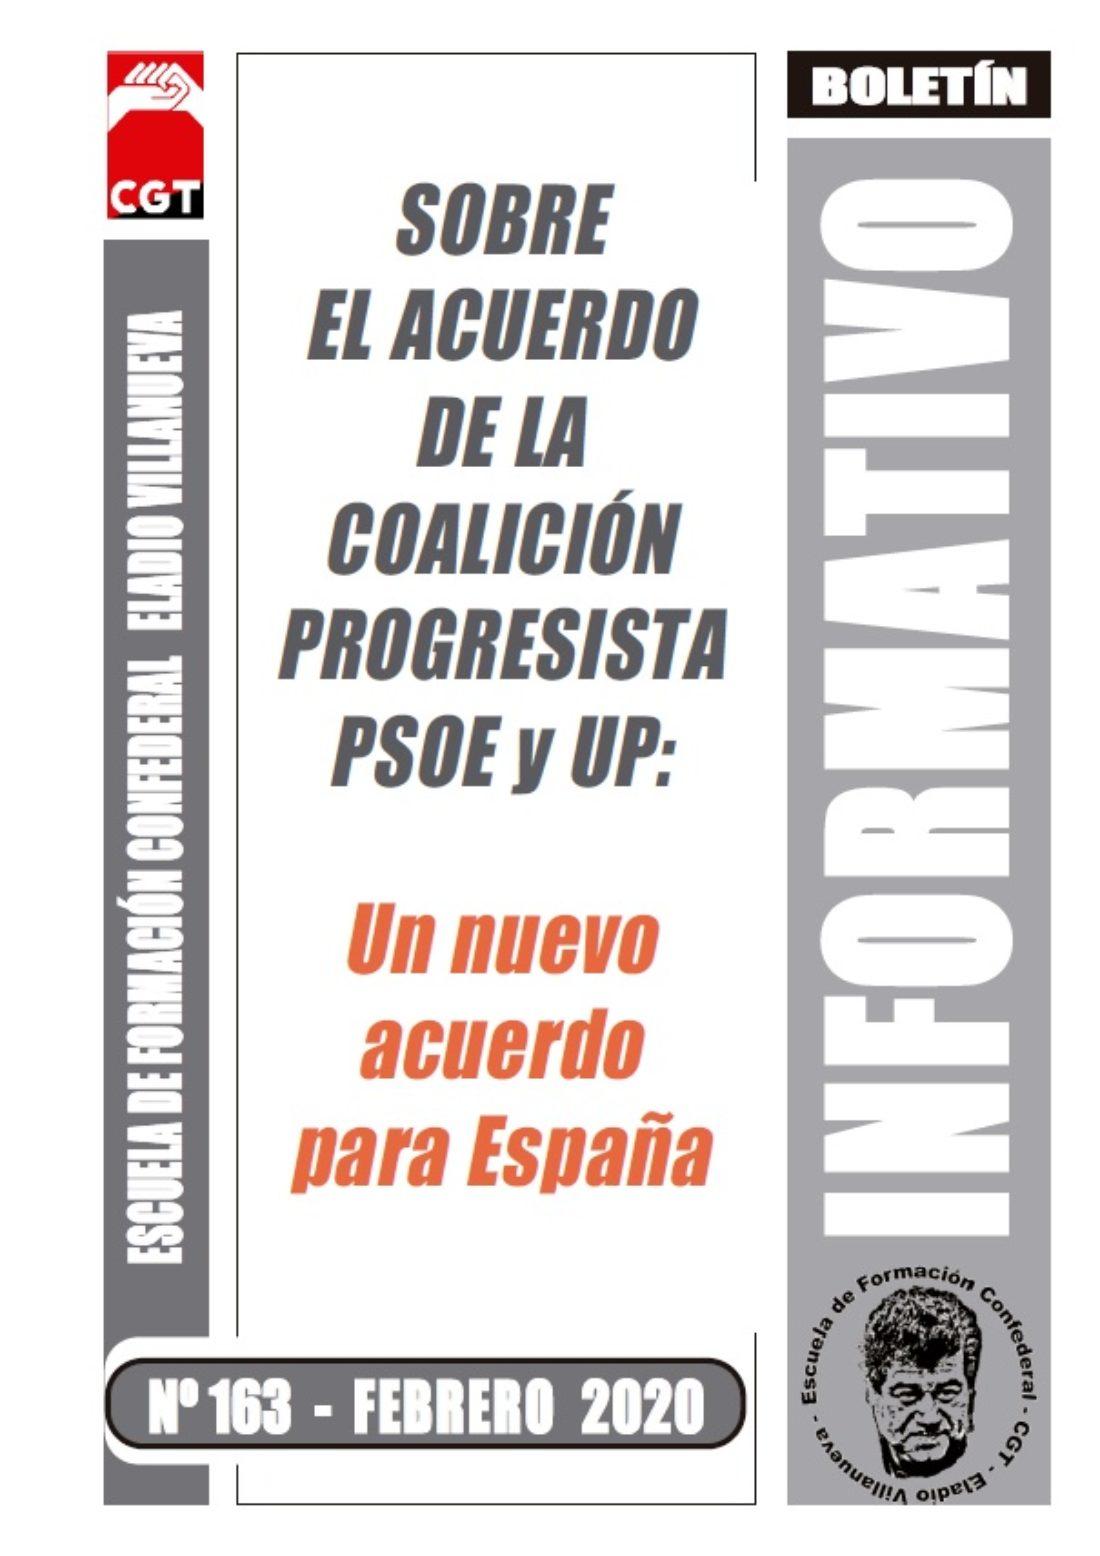 Boletín 163: Sobre el acuerdo de la coalición progresista PSOE y UP: Un nuevo acuerdo para España